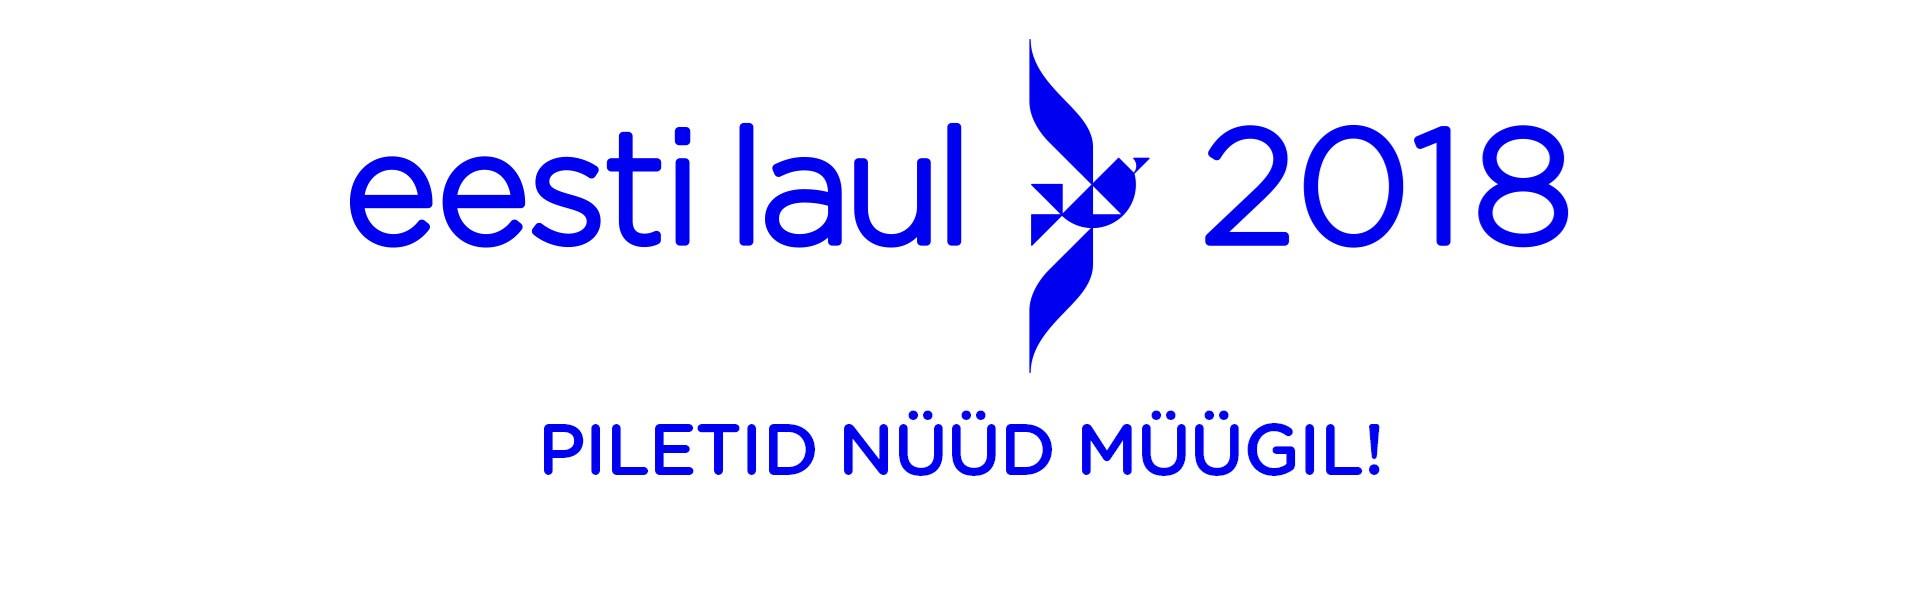 Ce soir : finale de l'Eesti Laul 2018 (Mise à jour : Les qualifiés)